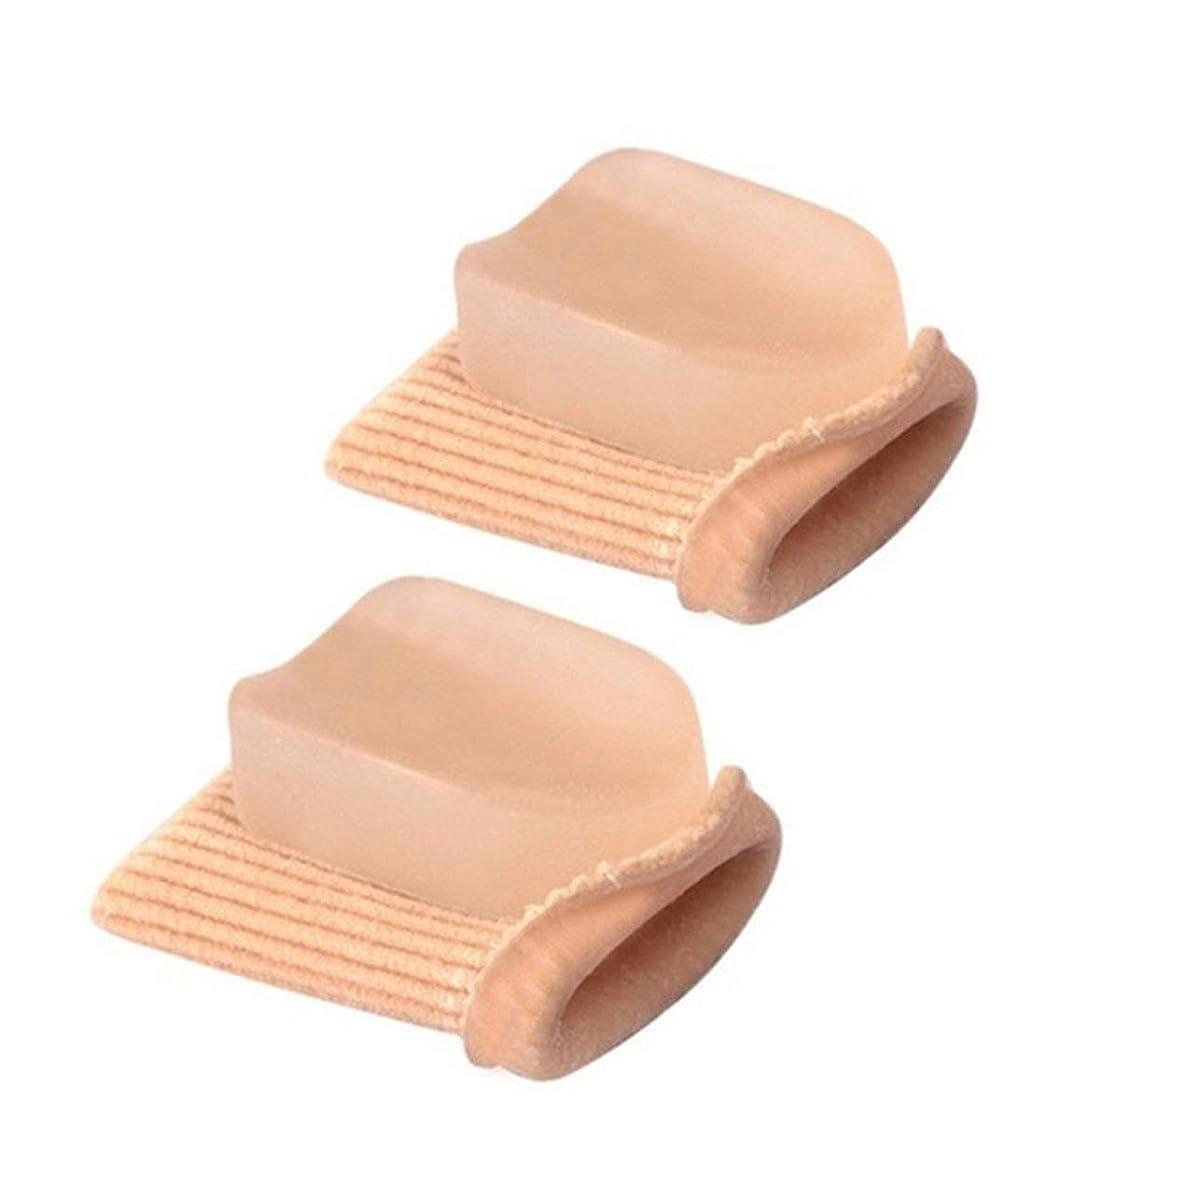 麦芽聡明侵入するDeeploveUU 高弾性つま先指ストレイテナーハンマーつま先外反母矯正包帯つま先セパレーターフットケア包帯